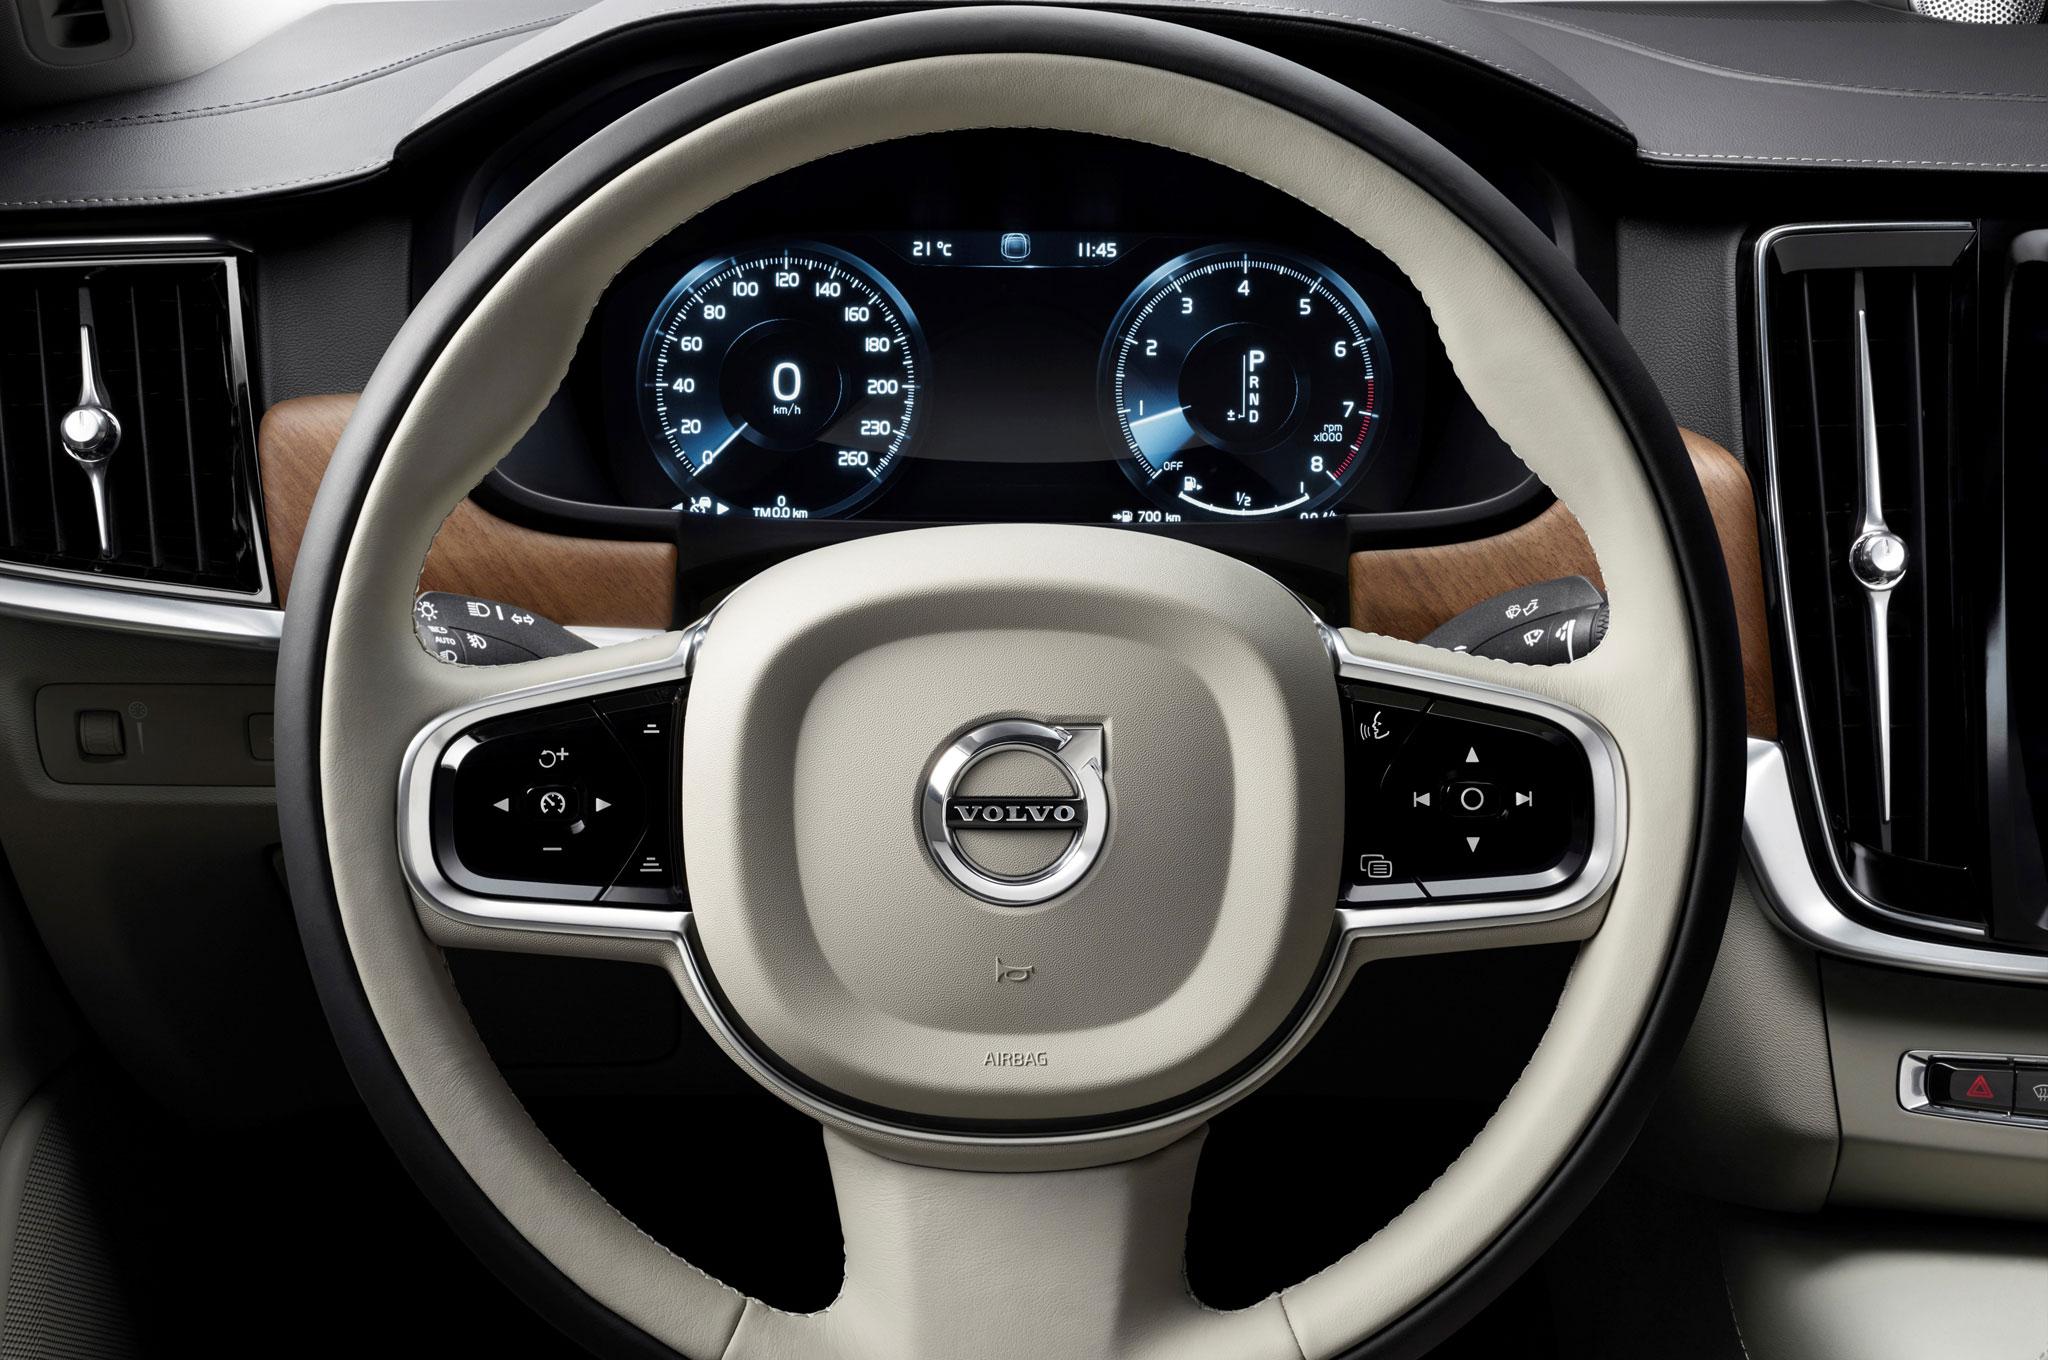 2018 volvo s90 interior. simple 2018 show more and 2018 volvo s90 interior l